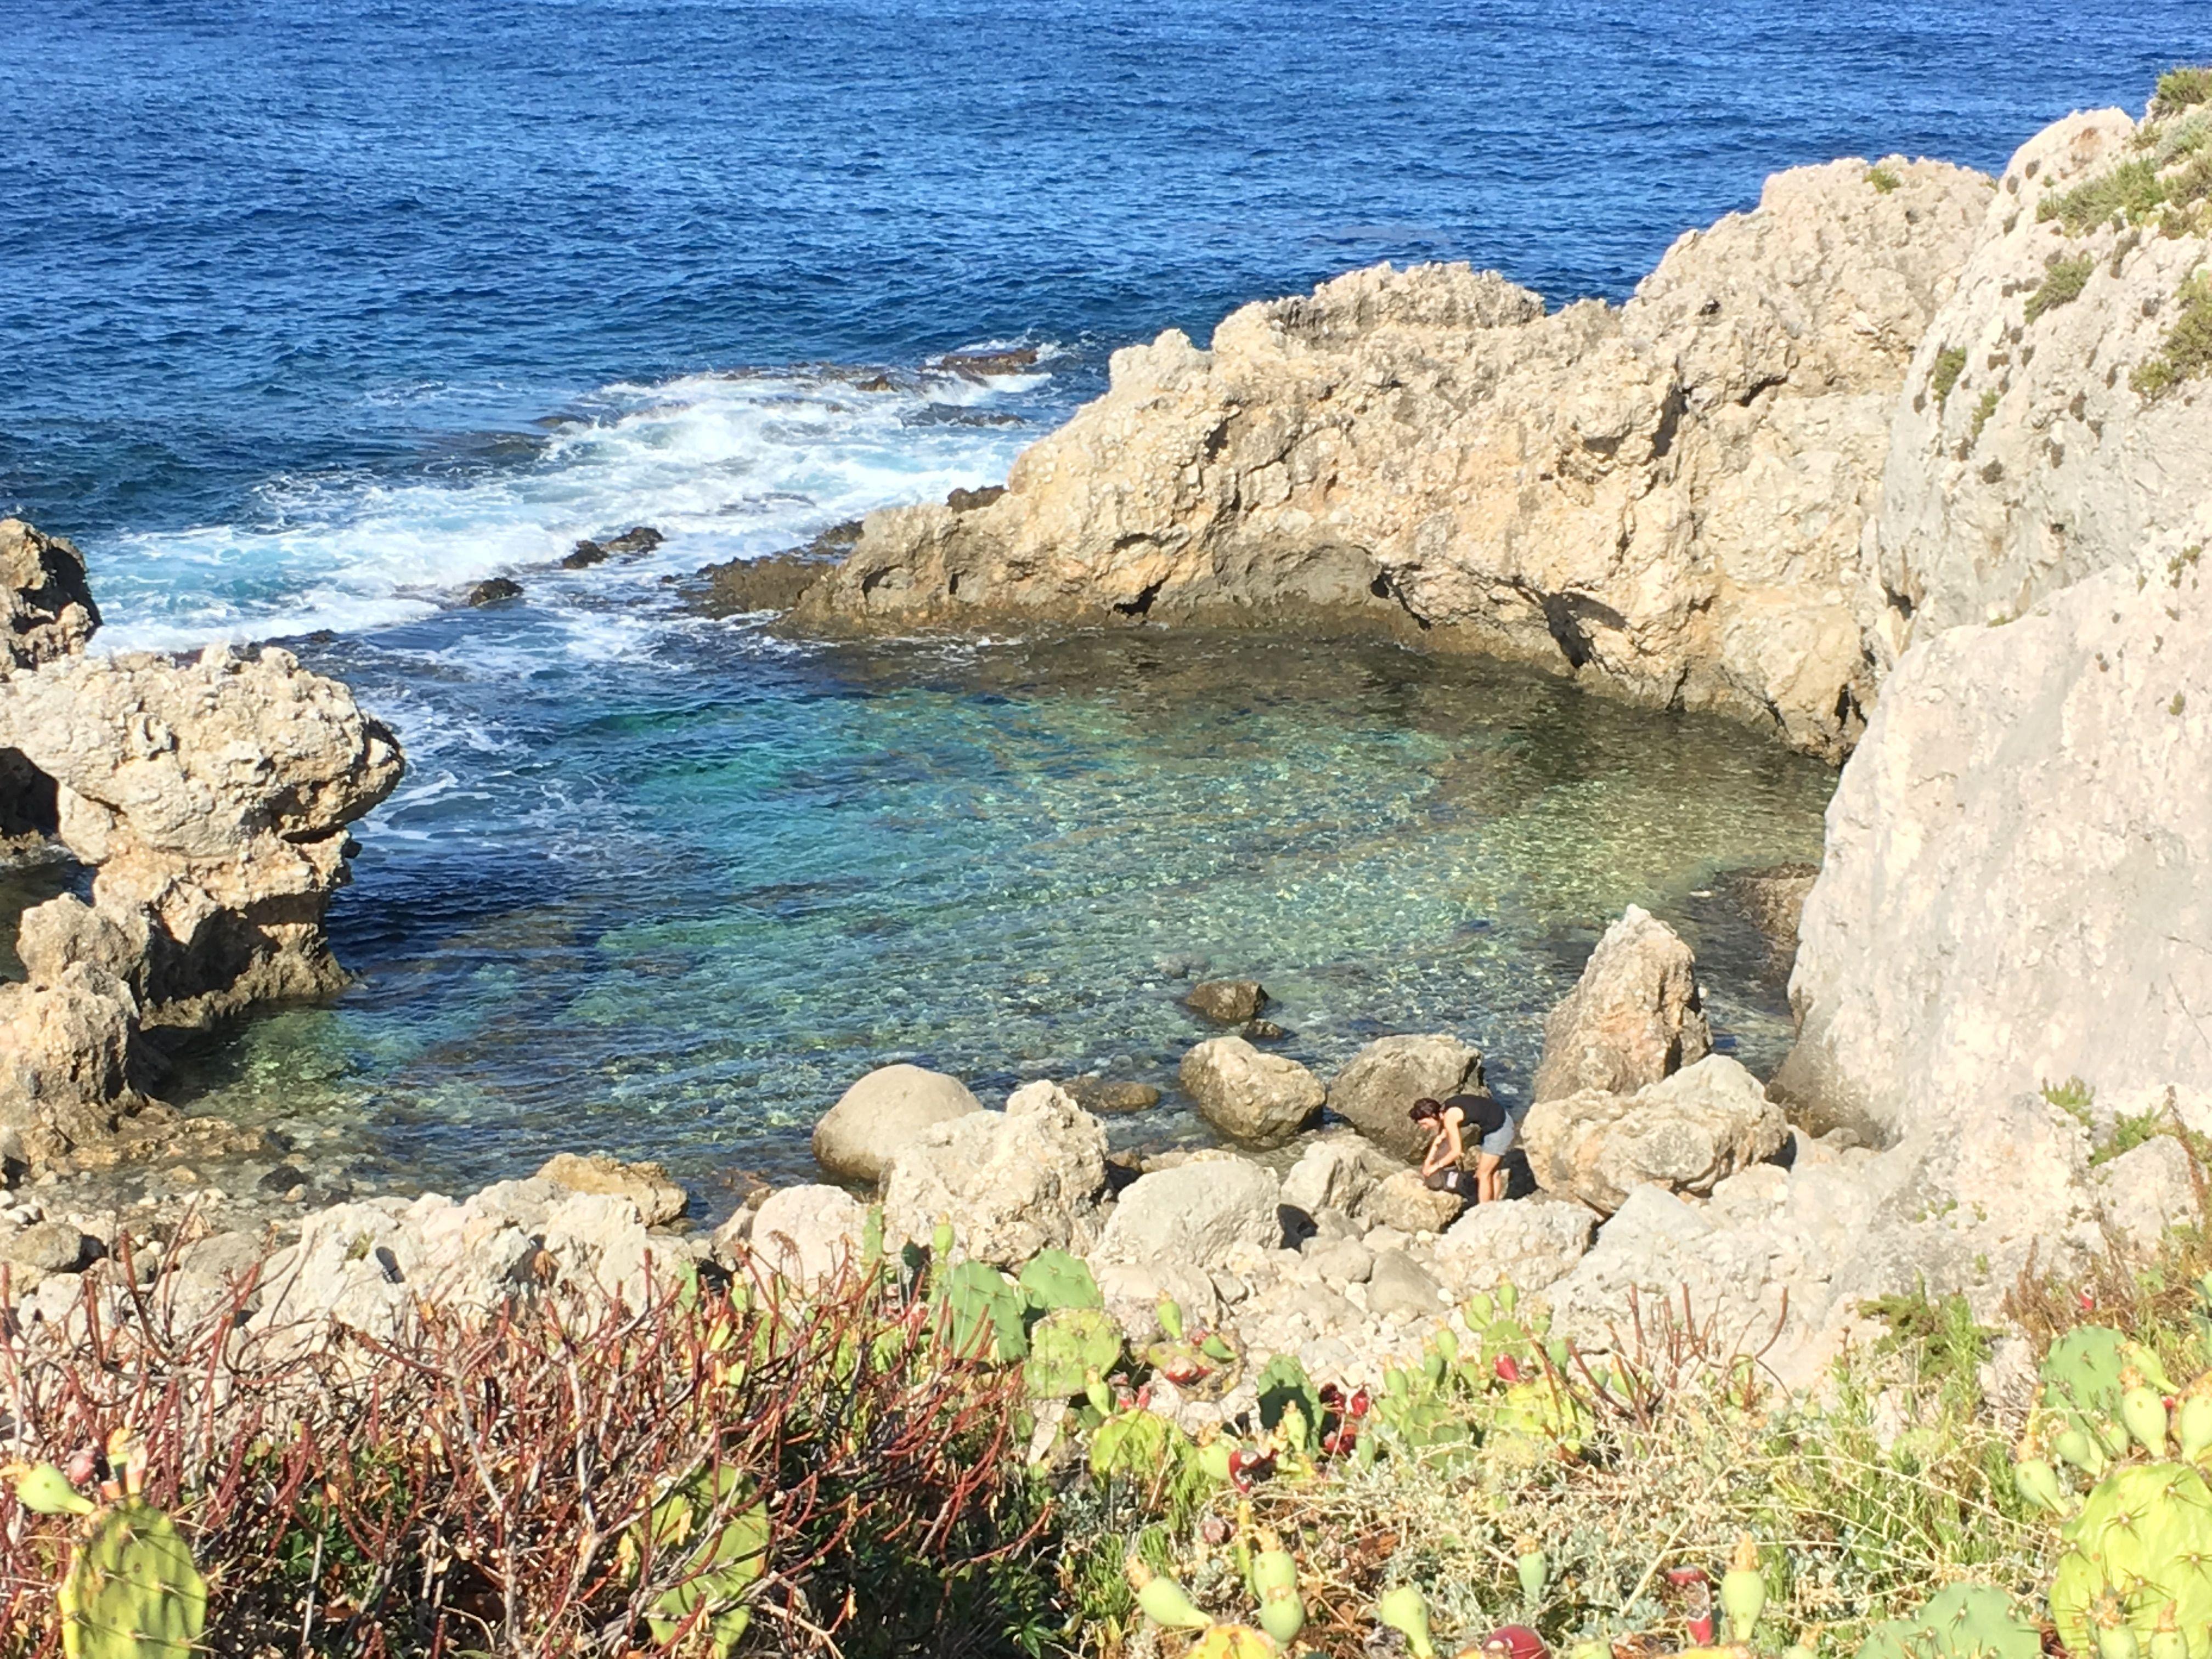 Piscina di Venere  Milazzo Sicily  Italy  Travel